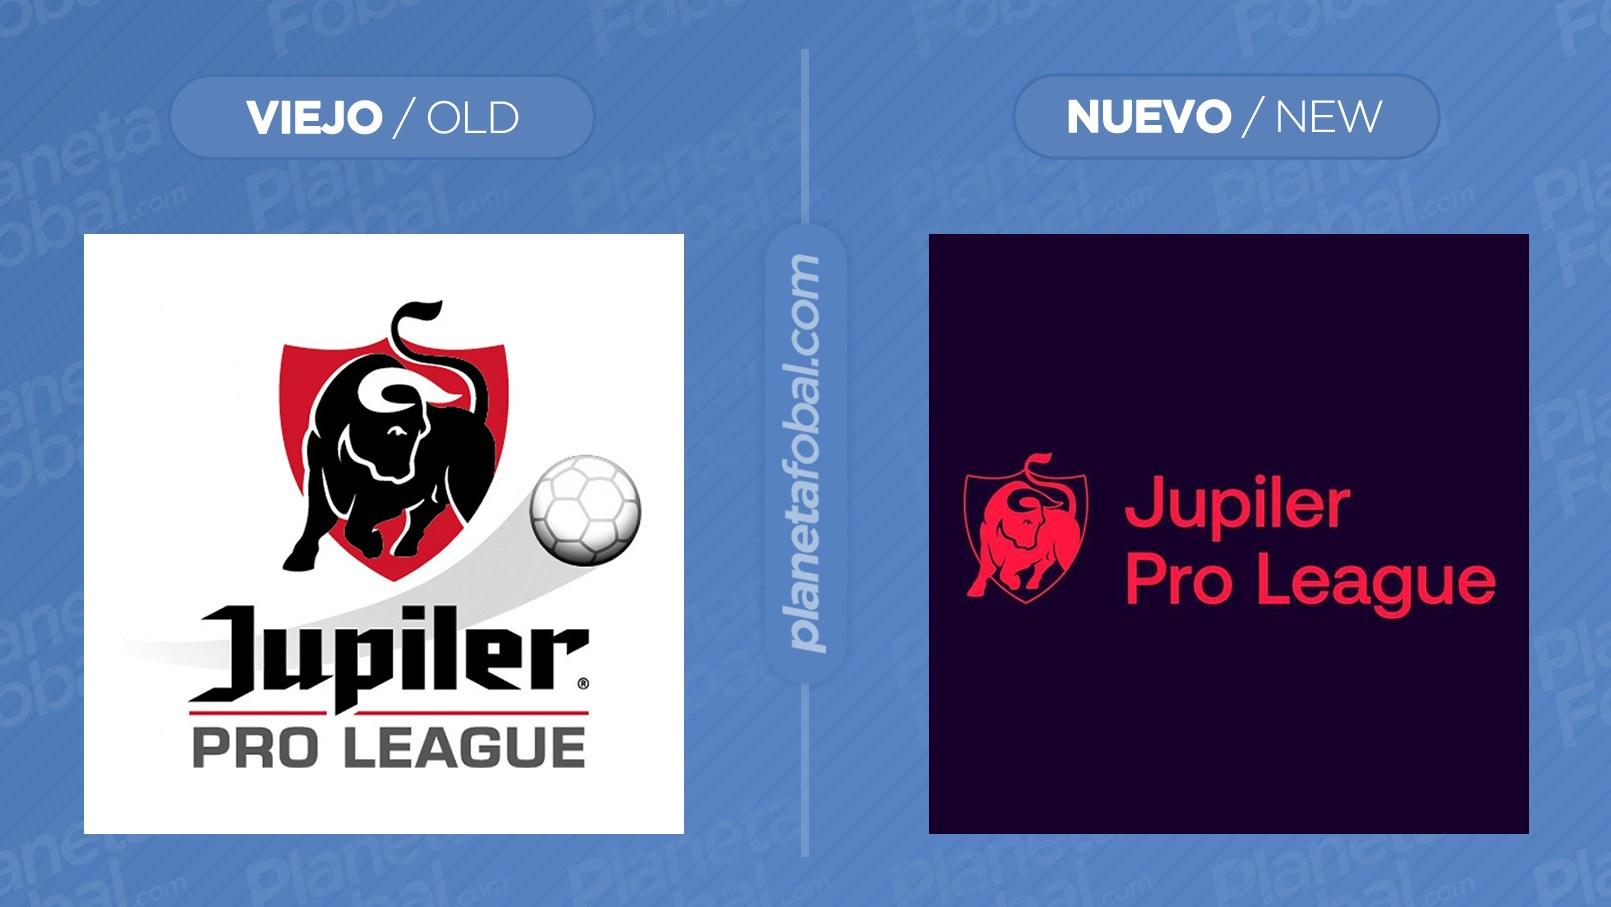 El logo de 2017 vs el que usarán desde 2020/21 | Imágenes Pro League